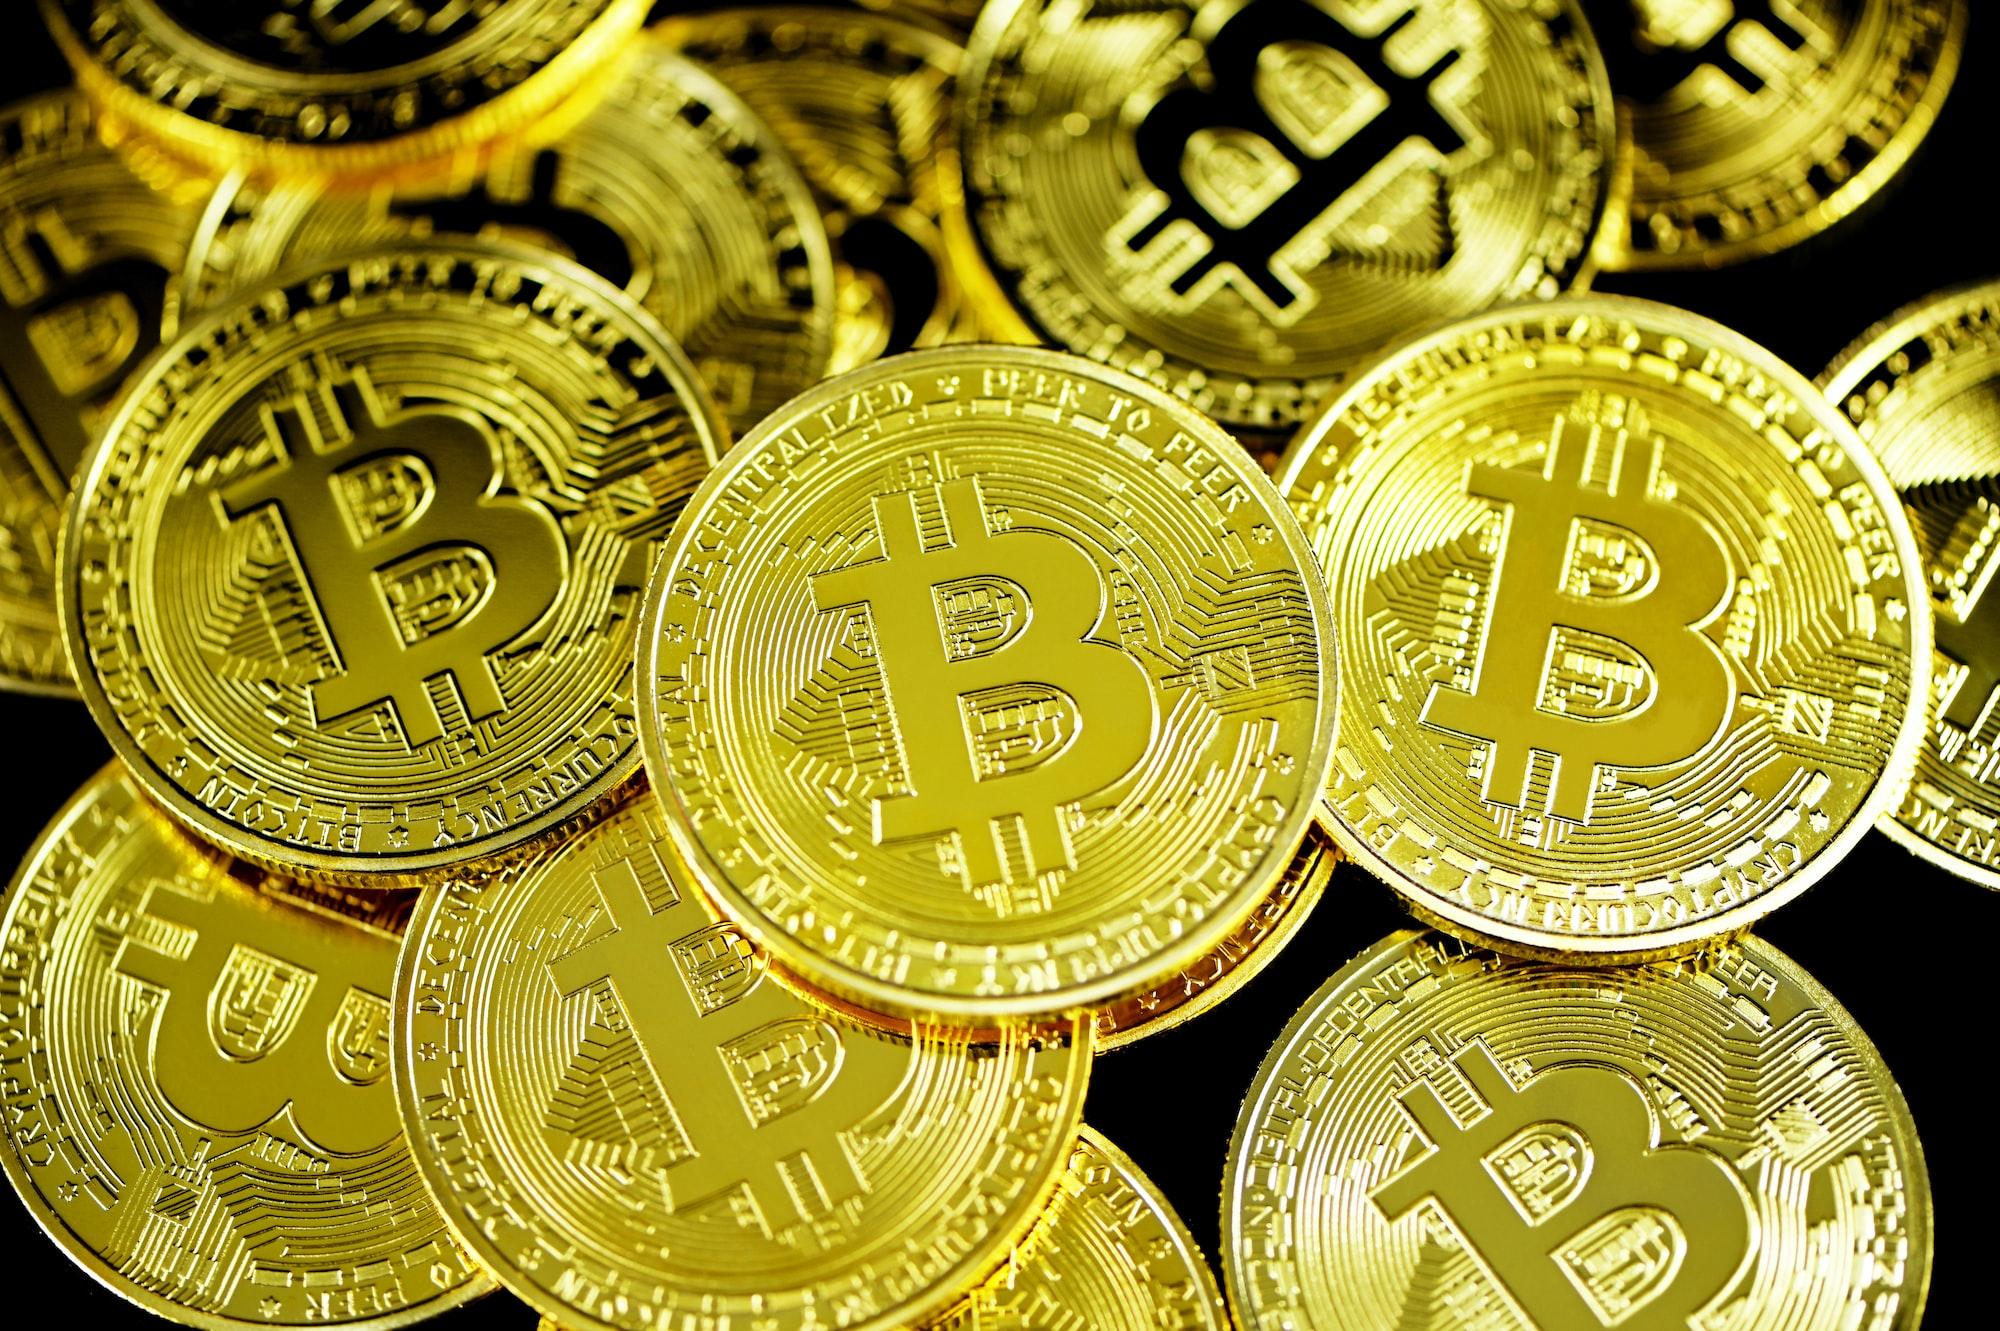 การที่ Bitcoin แตะ $64,000 เป็นเพียงจุดเริ่มต้นเท่านั้น!